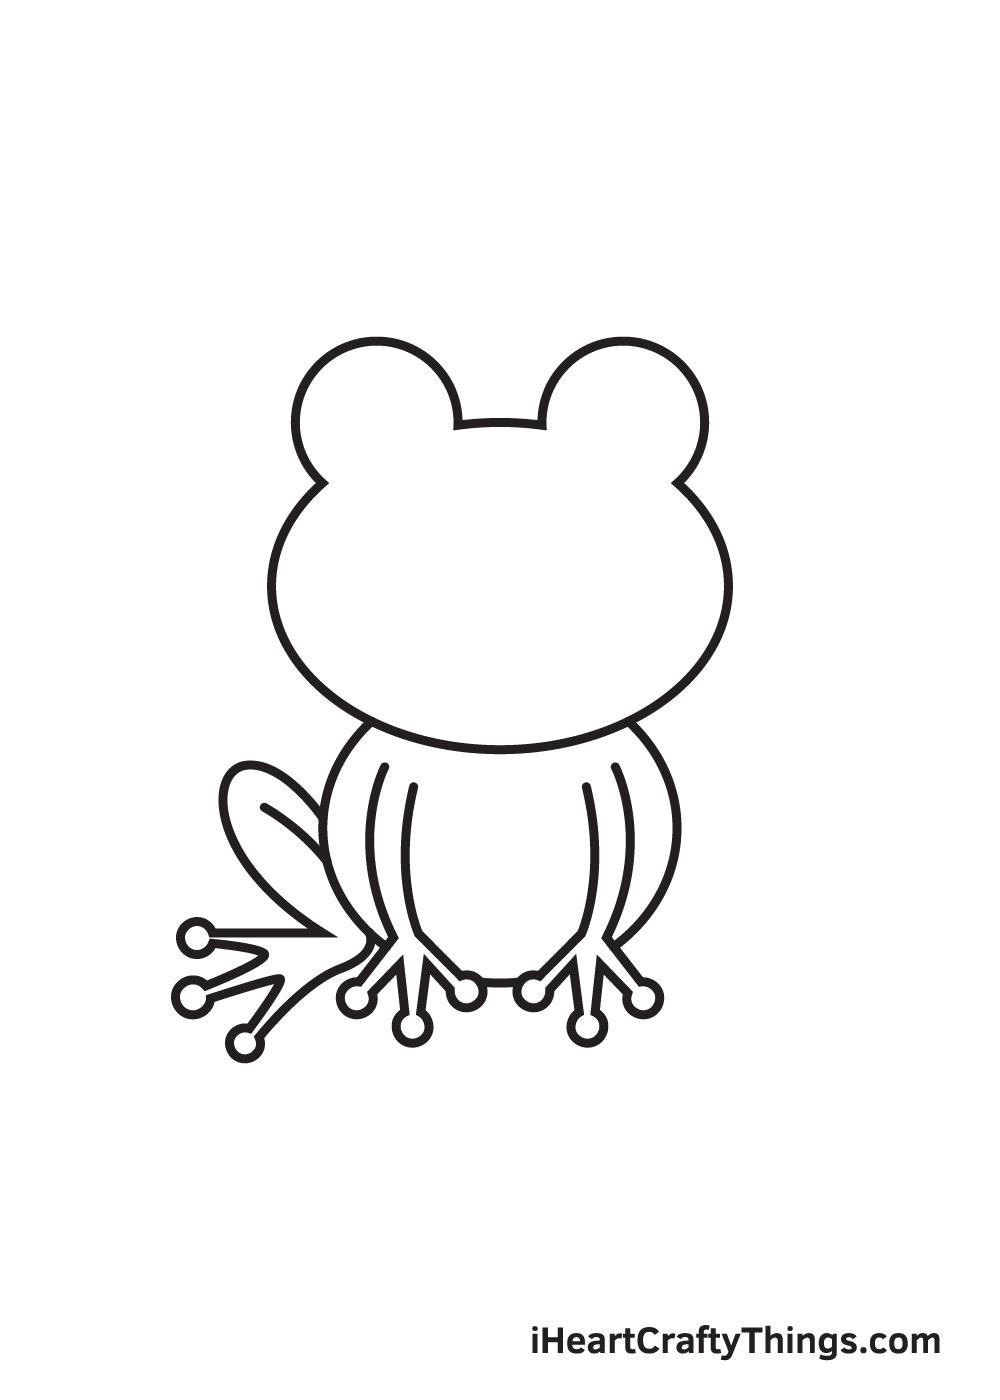 Vẽ ếch - Bước 5